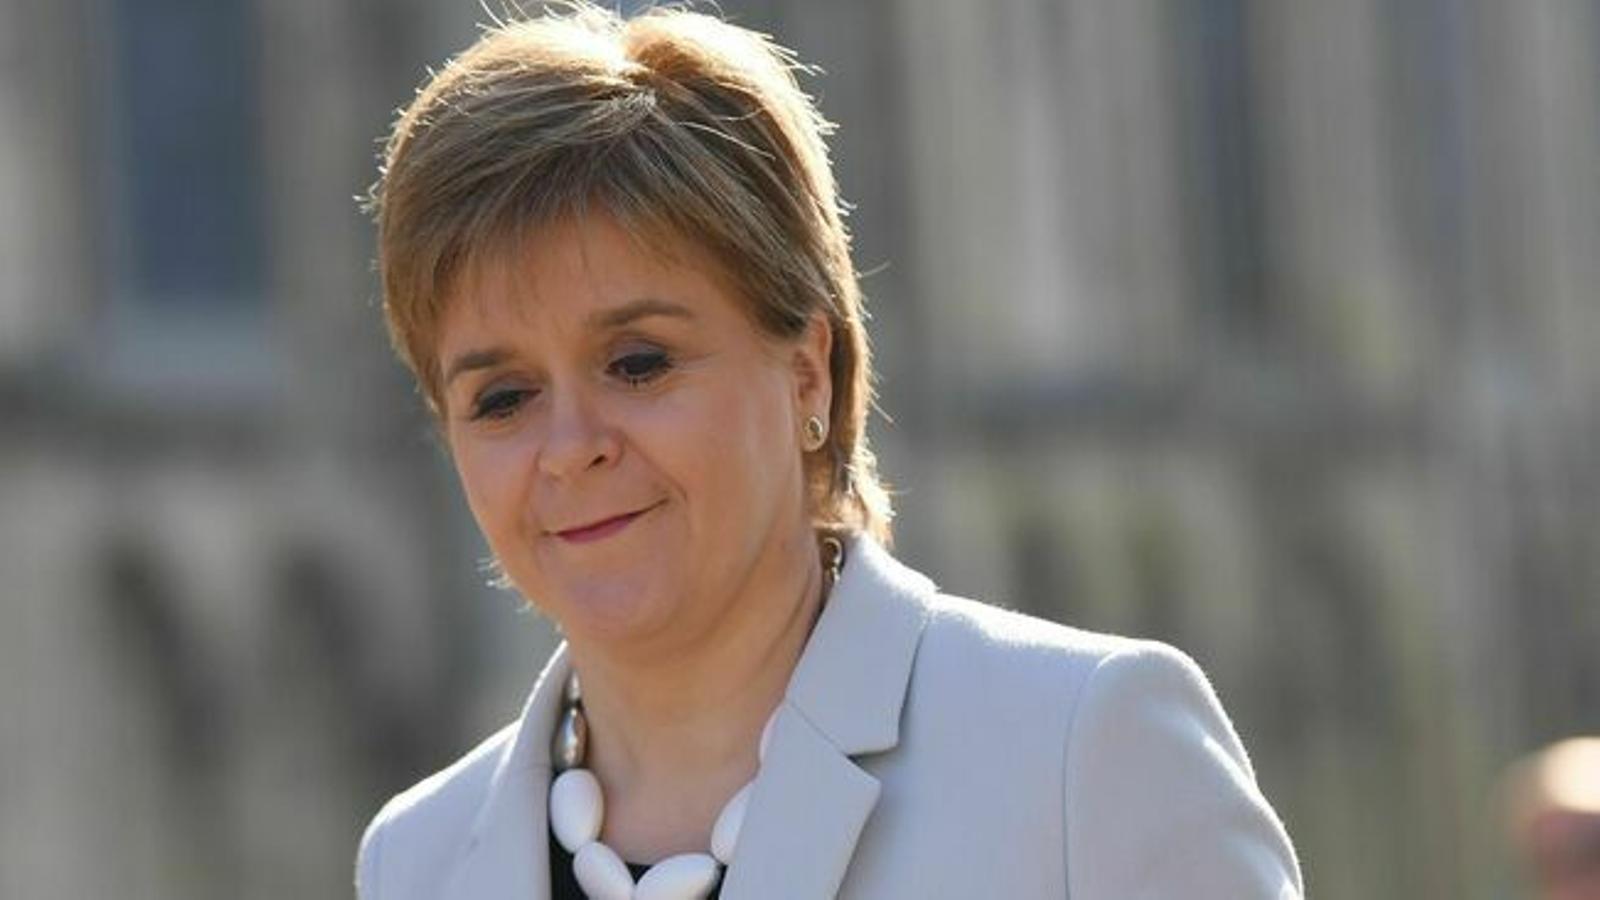 Espanya no vetaria l'entrada d'Escòcia a la Unió Europea si aconseguís la independència legalment